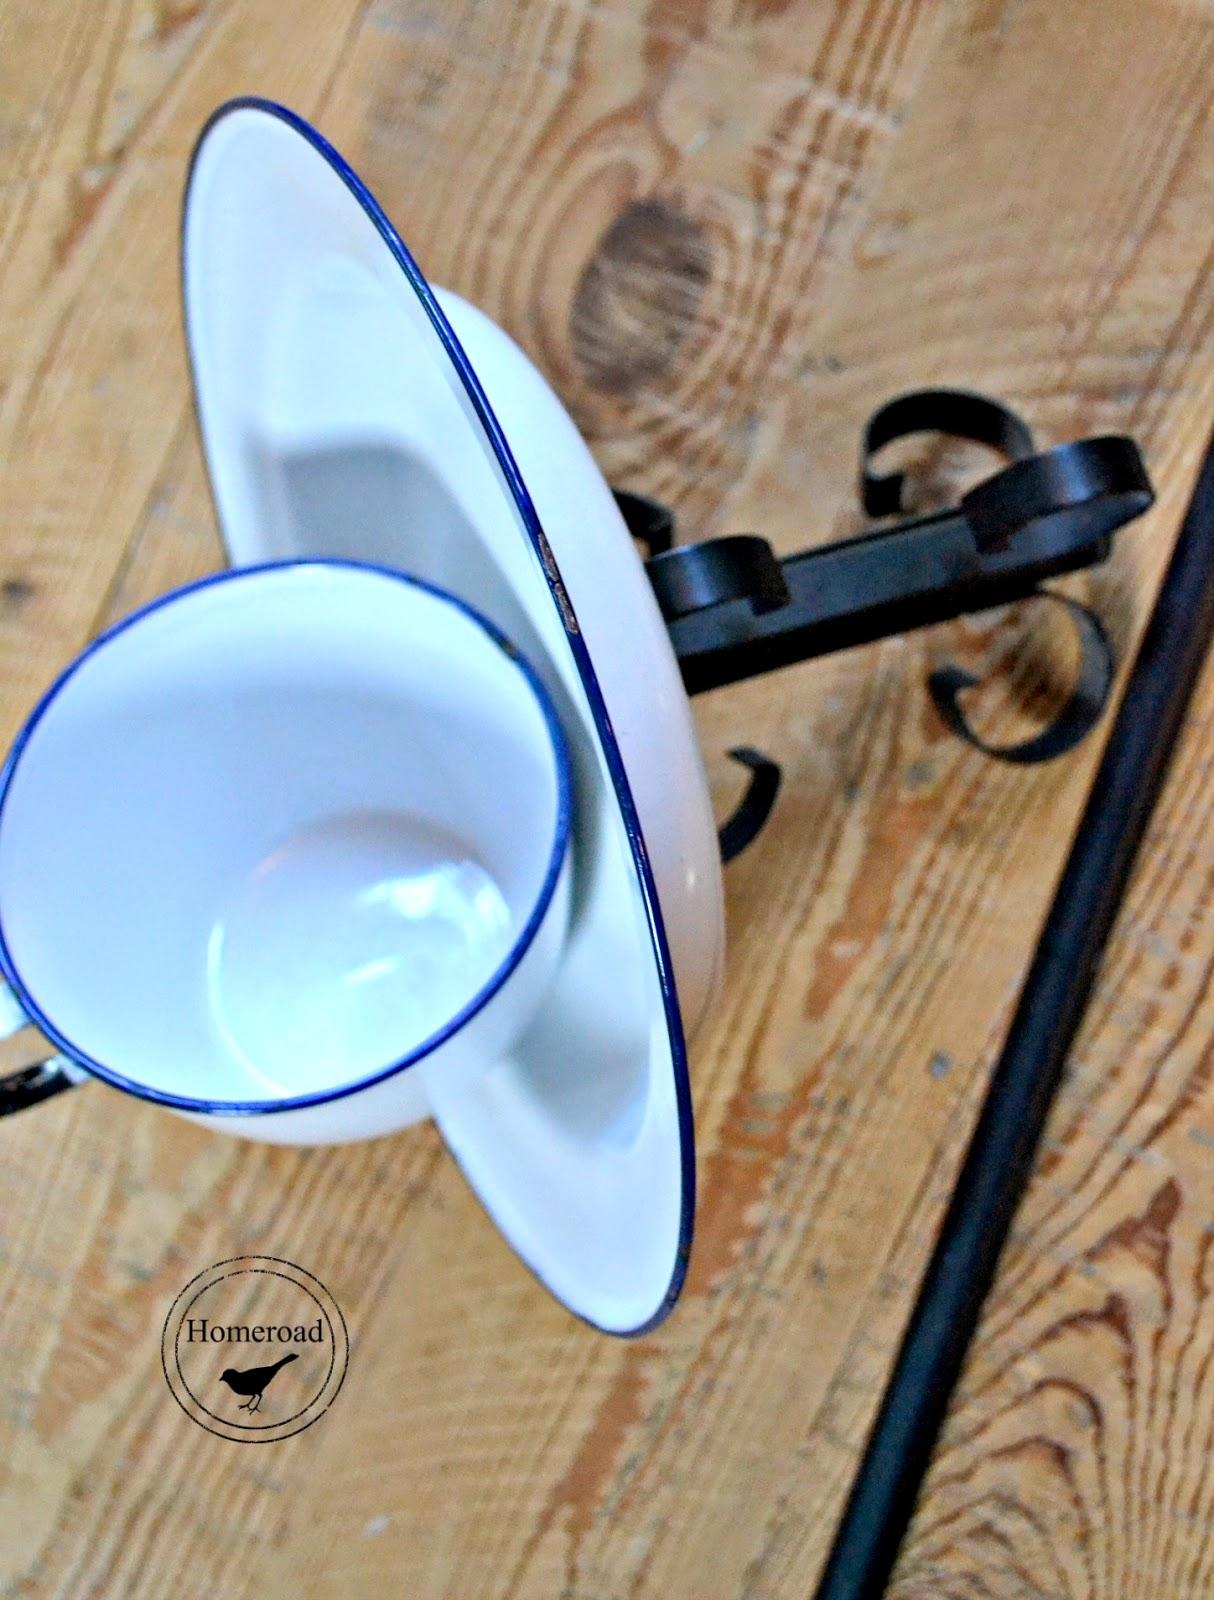 enamelware-tea-cup-bird-feeder www.homeroad.net